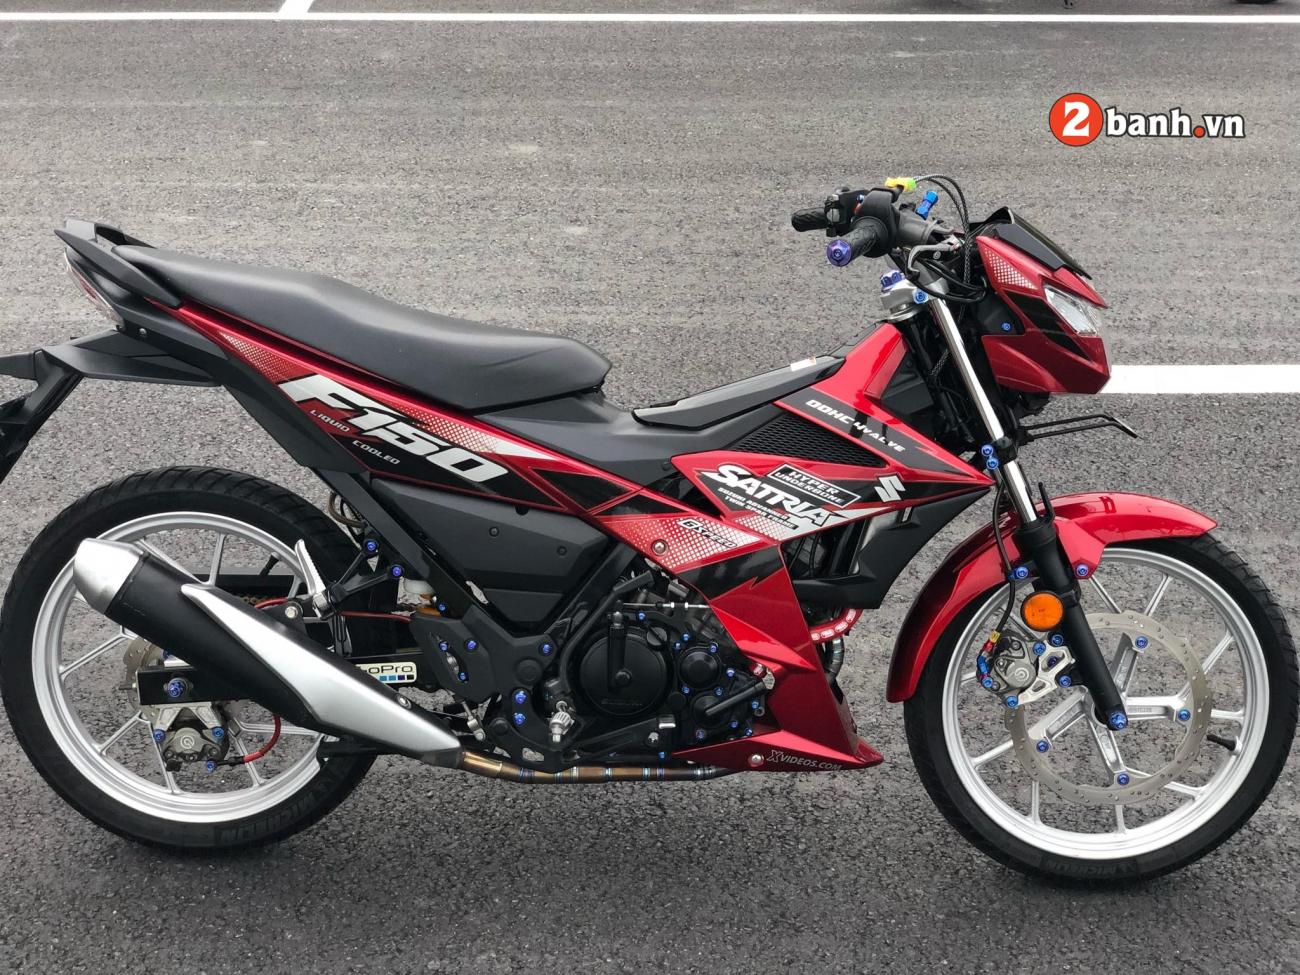 Satria 150 do tao bao voi he thong phanh duoc nang cap toan dien - 3